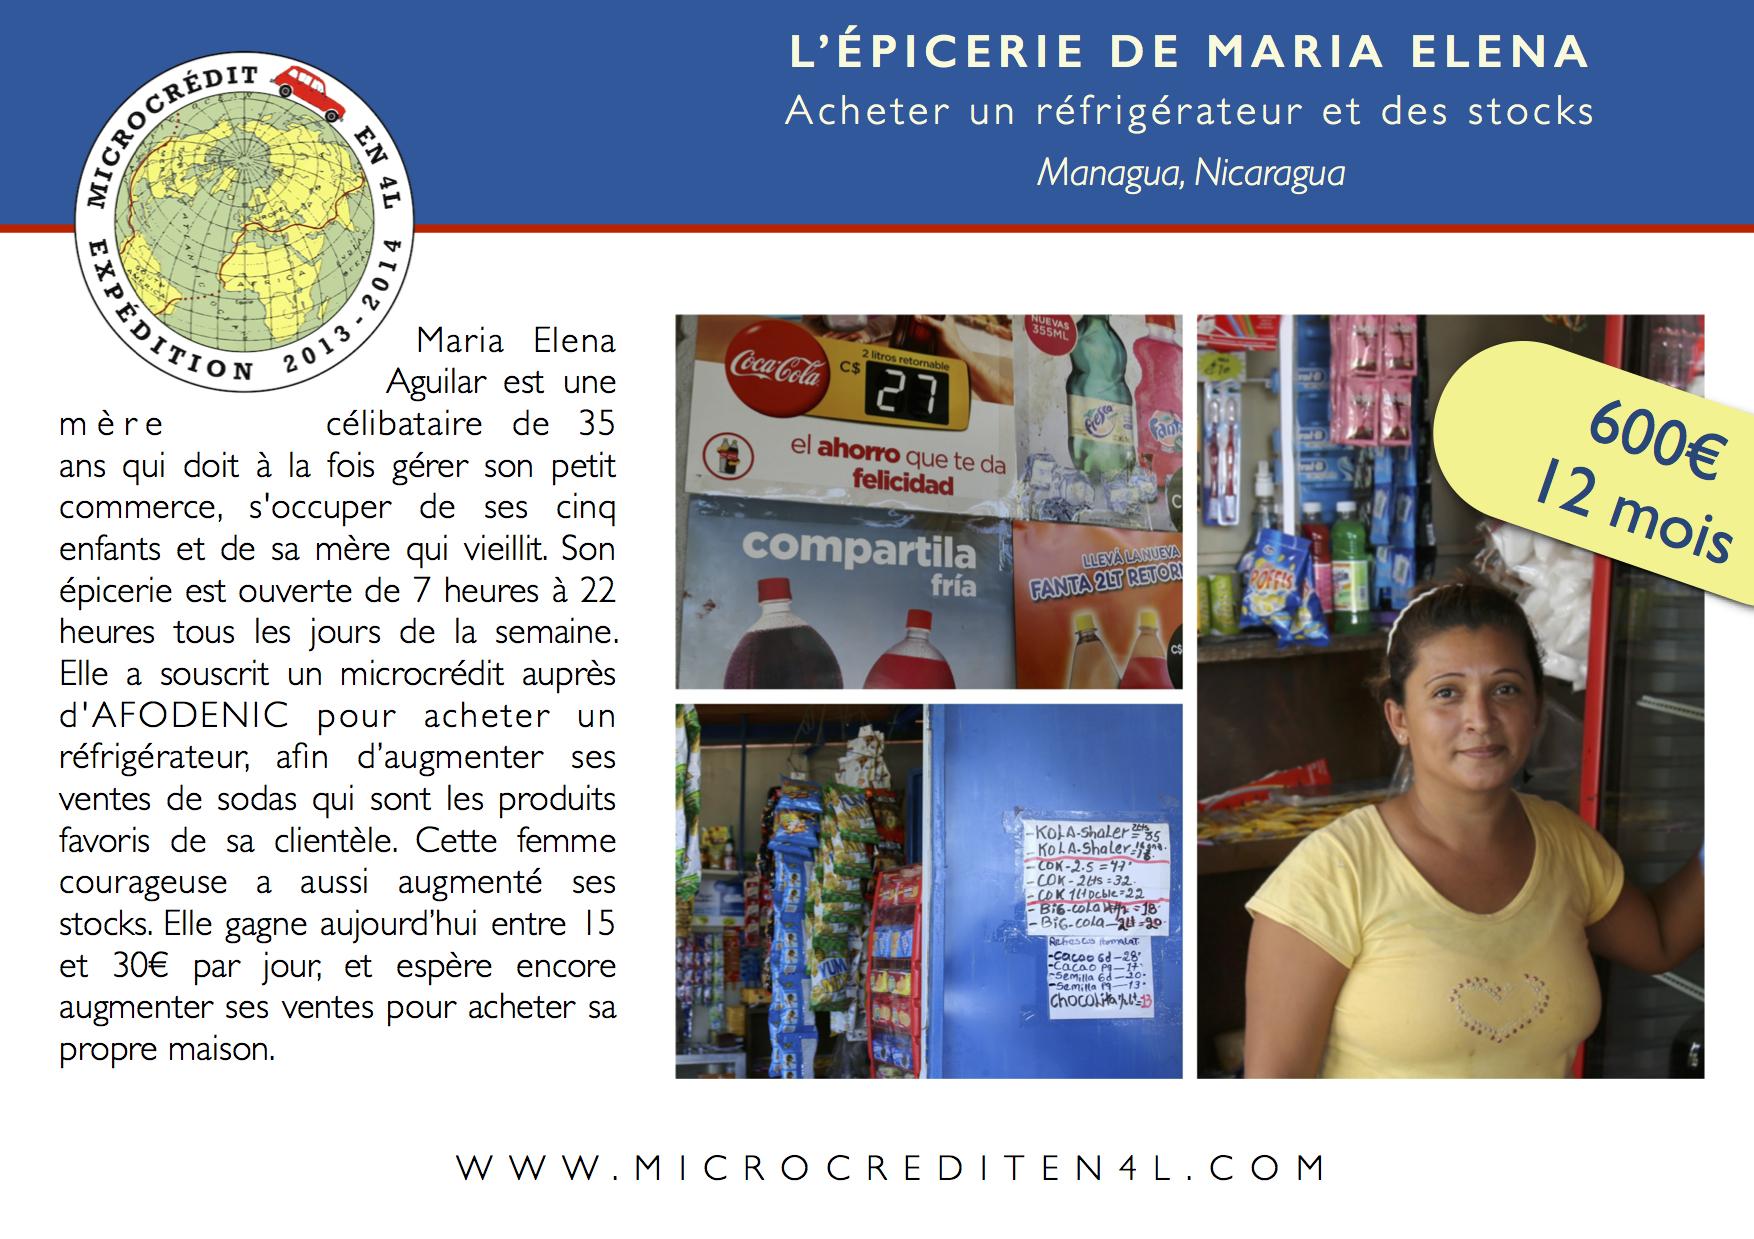 L'épicerie de Maria Elen